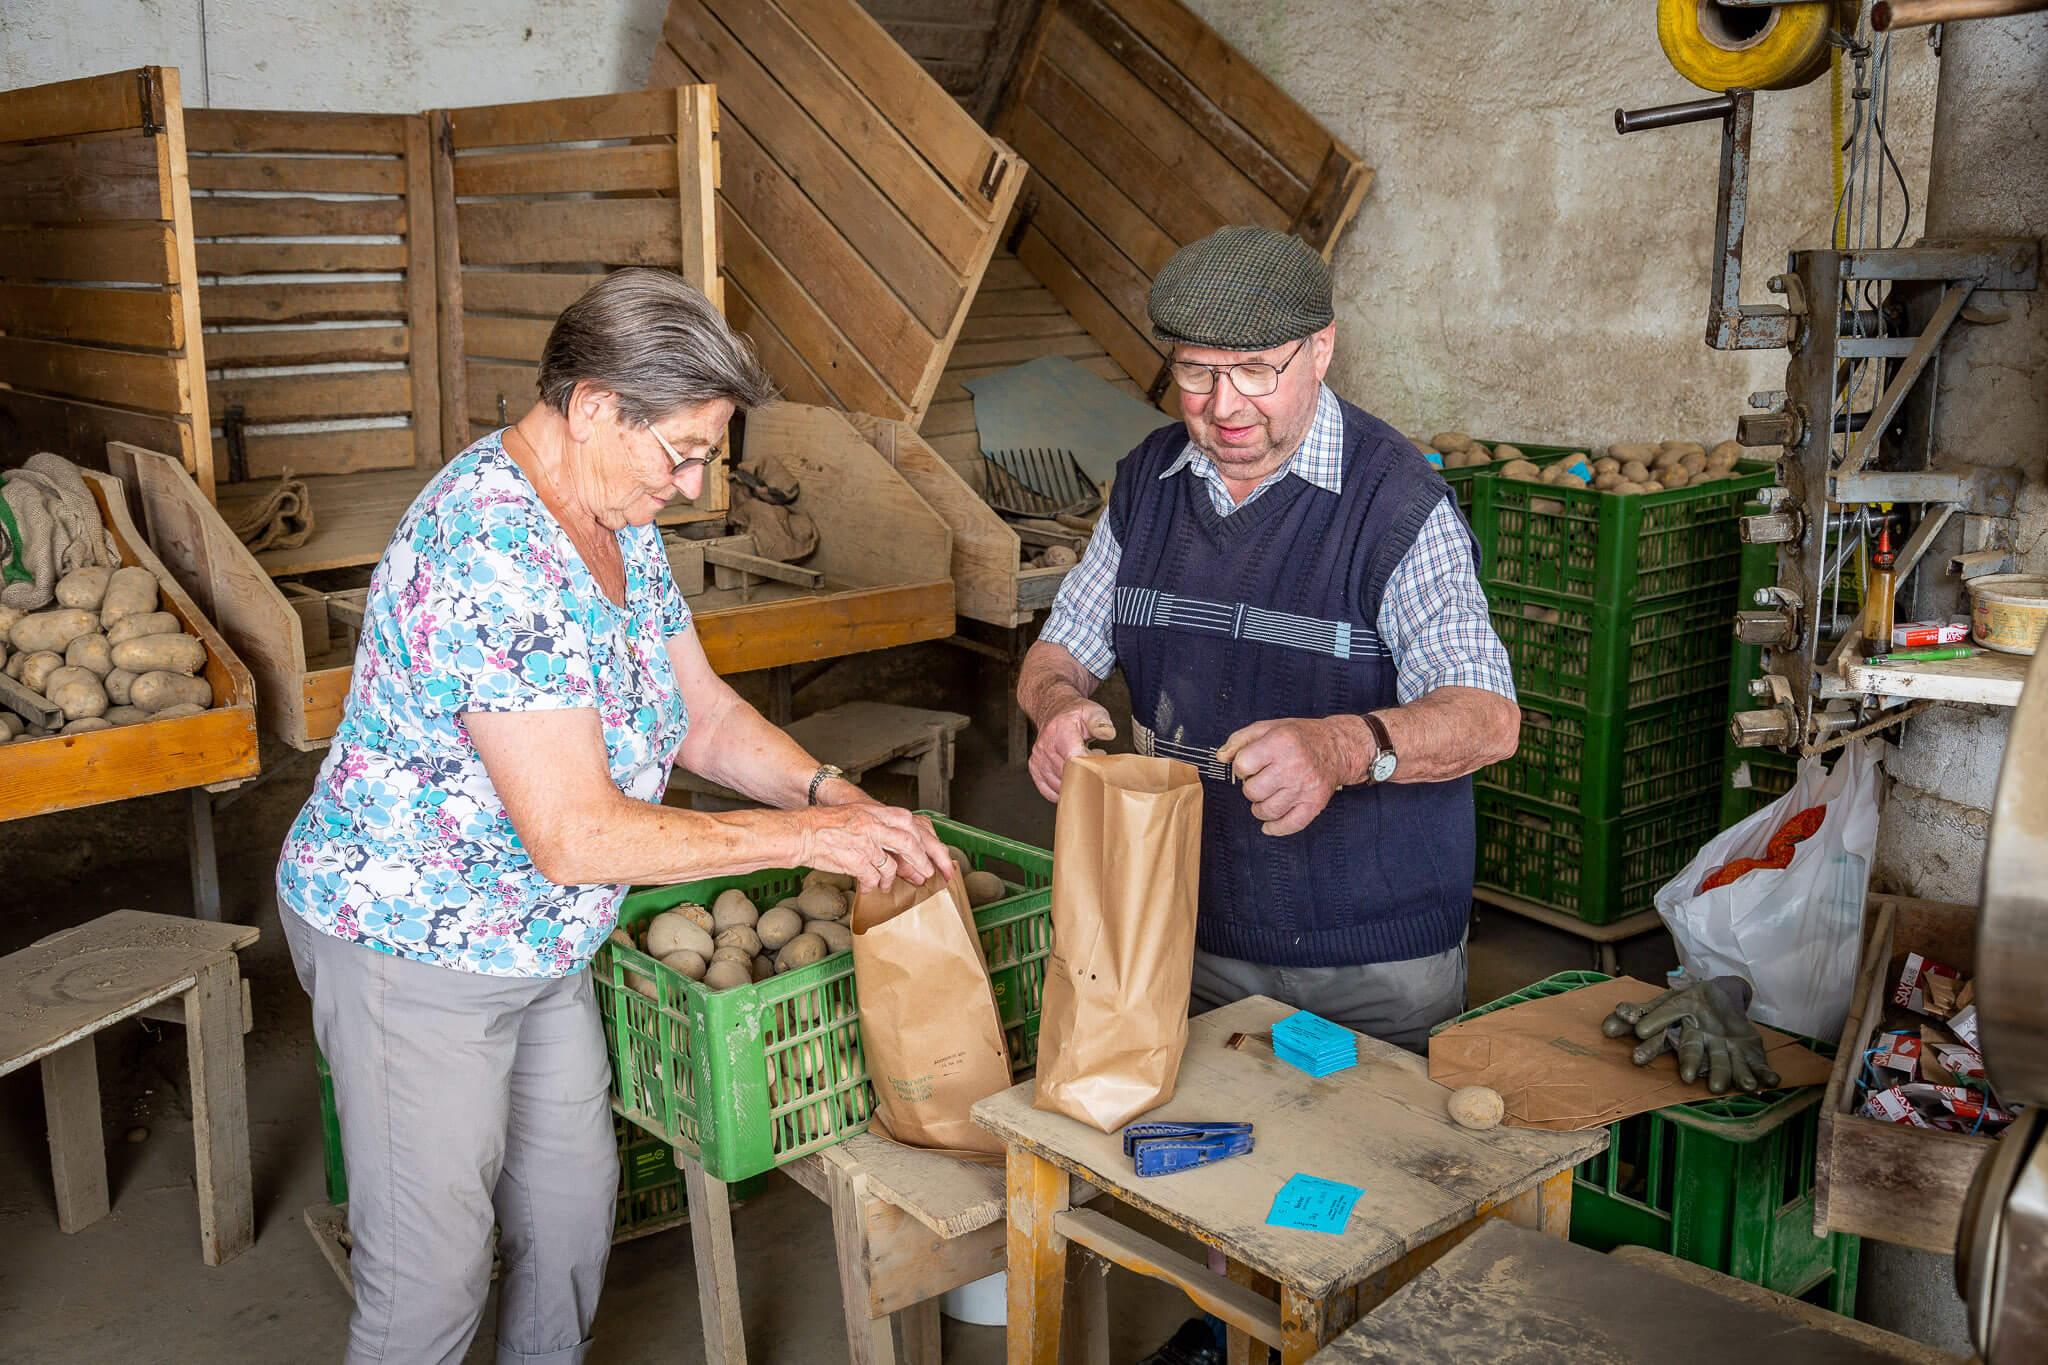 Lackner Hofkellerei Walding Erdaepfel Kartoffel Heurige Verpackung Famililenbetrieb